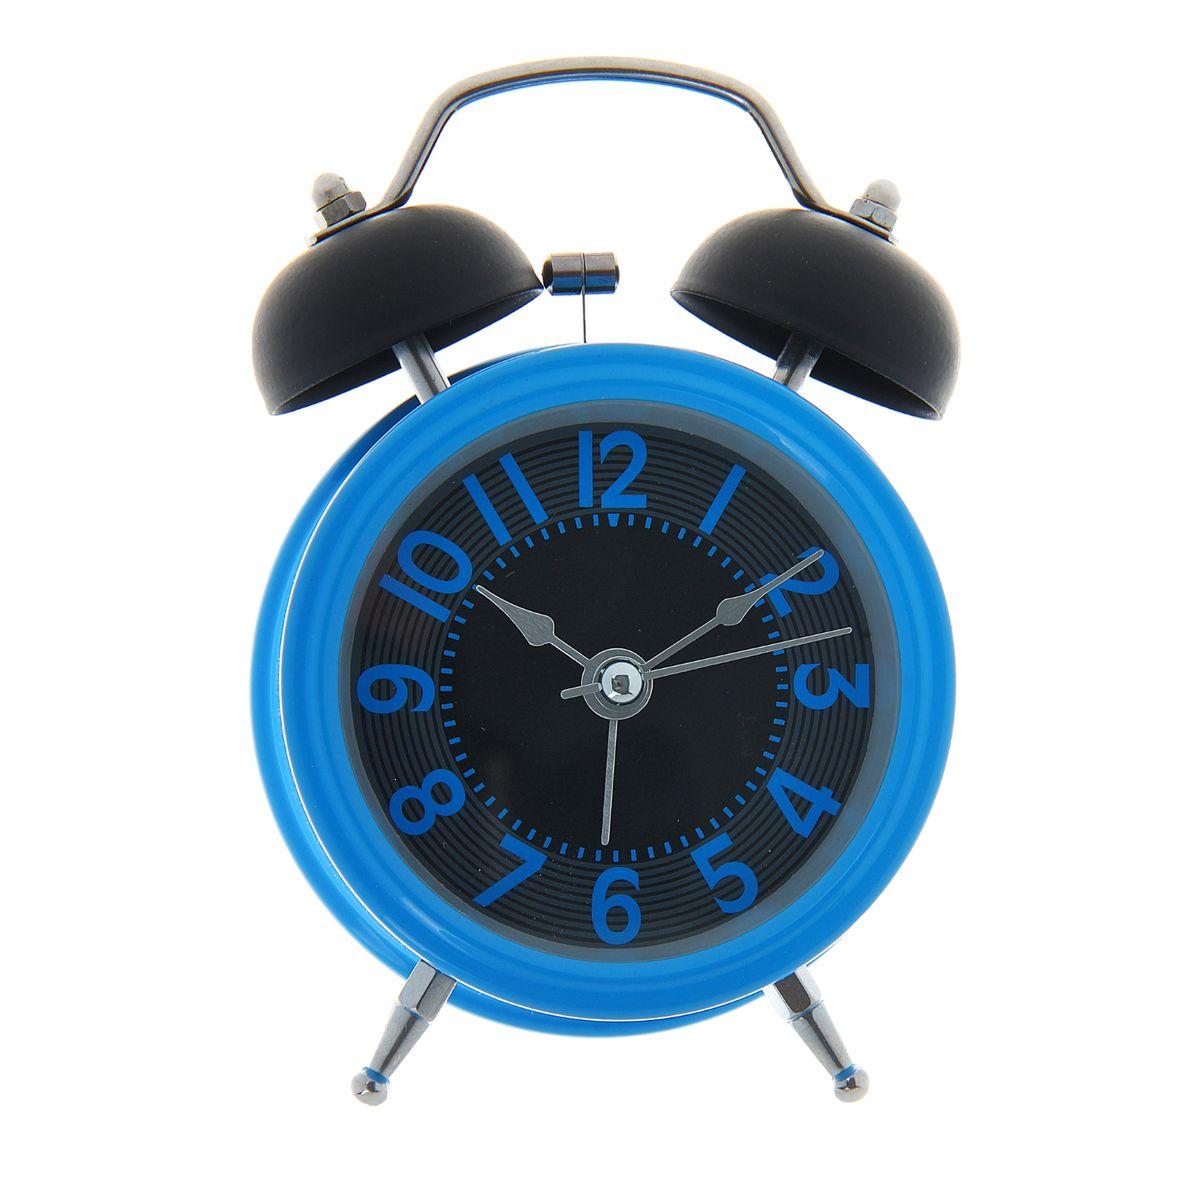 Часы-будильник Sima-land, цвет: синий. 10564141056414Как же сложно иногда вставать вовремя! Всегда так хочется поспать еще хотя бы 5 минут и бывает, что мы просыпаем. Теперь этого не случится! Яркий, оригинальный будильник Sima-land поможет вам всегда вставать в нужное время и успевать везде и всюду. Корпус будильника выполнен из металла. Часы снабжены 4 стрелками (секундная, минутная, часовая и для будильника). На задней панели будильника расположен переключатель включения/выключения механизма, а также два колесика для настройки текущего времени и времени звонка будильника. Изделие снабжено подсветкой, которая включается нажатием кнопки с задней стороны.Пользоваться будильником очень легко: нужно всего лишь поставить батарейку, настроить точное время и установить время звонка.Будильник Sima-land - привлекательная деталь в обстановке, которая поможет воплотить вашу интерьерную идею, создать неповторимую атмосферу в вашем доме. Окружите себя приятными мелочами, пусть они радуют взгляд и дарят гармонию.Необходимо докупить 1 батарейку типа АА (не входит в комплект).